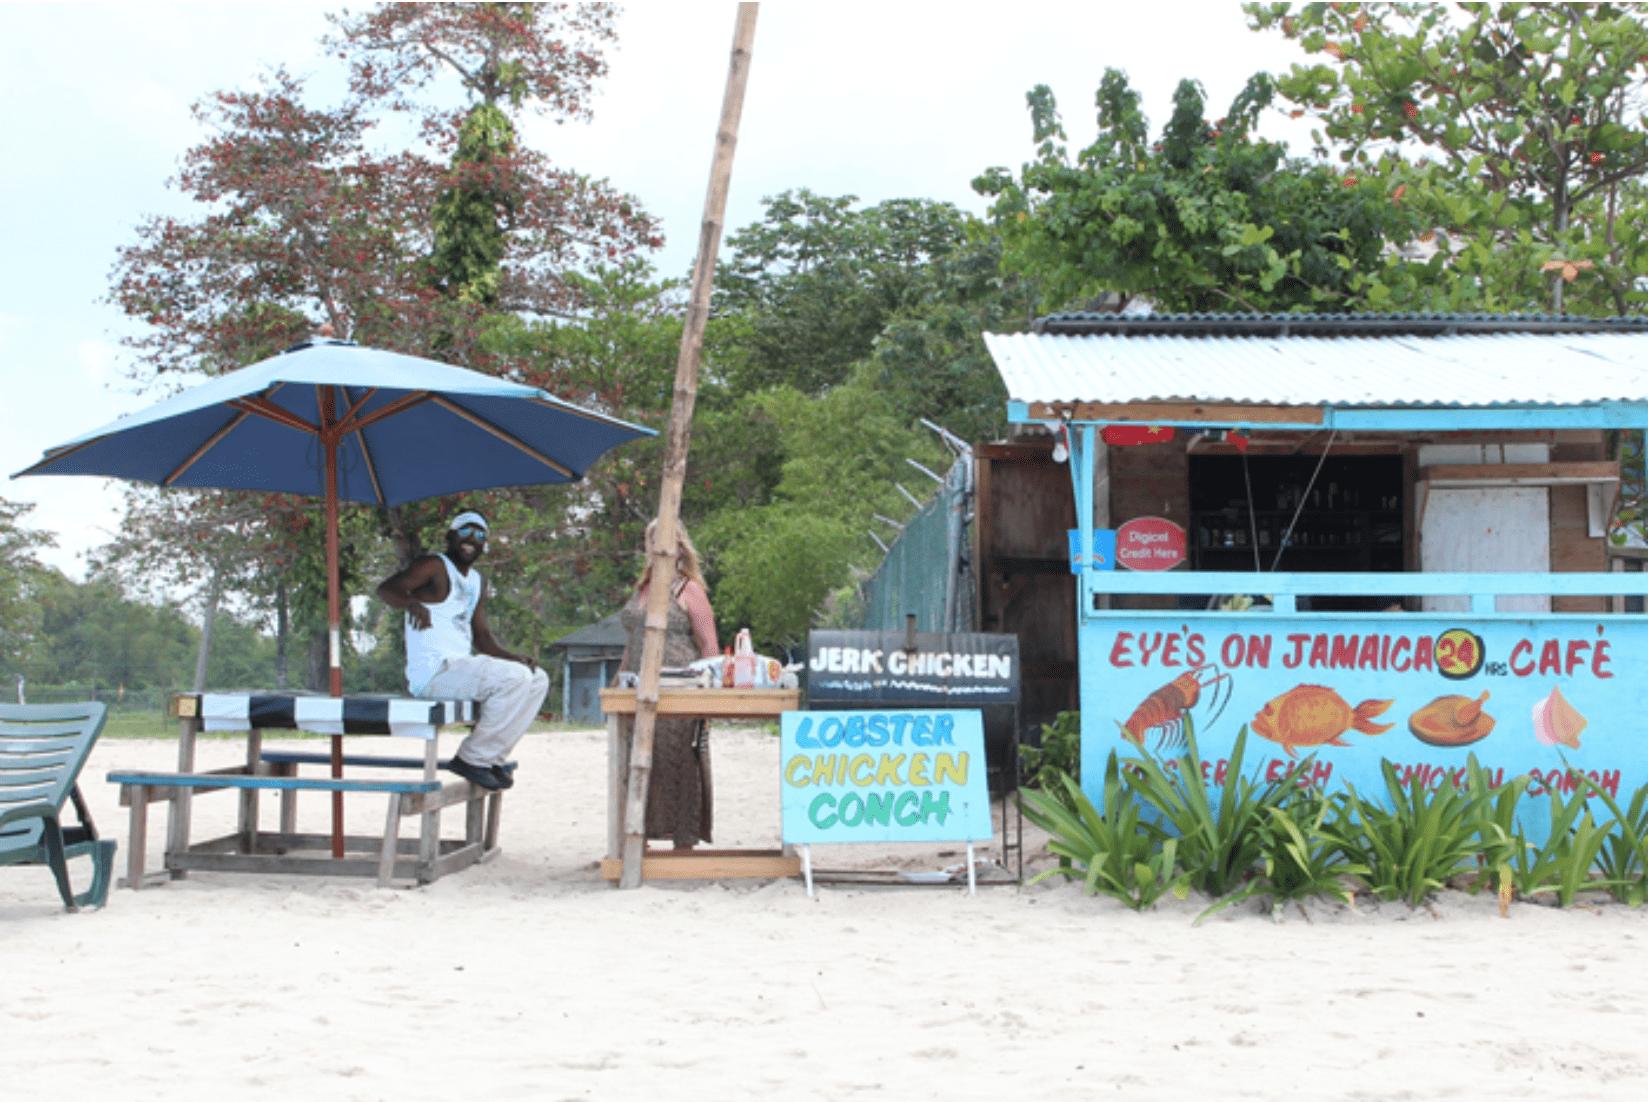 Jamaikanische frauen kennenlernen